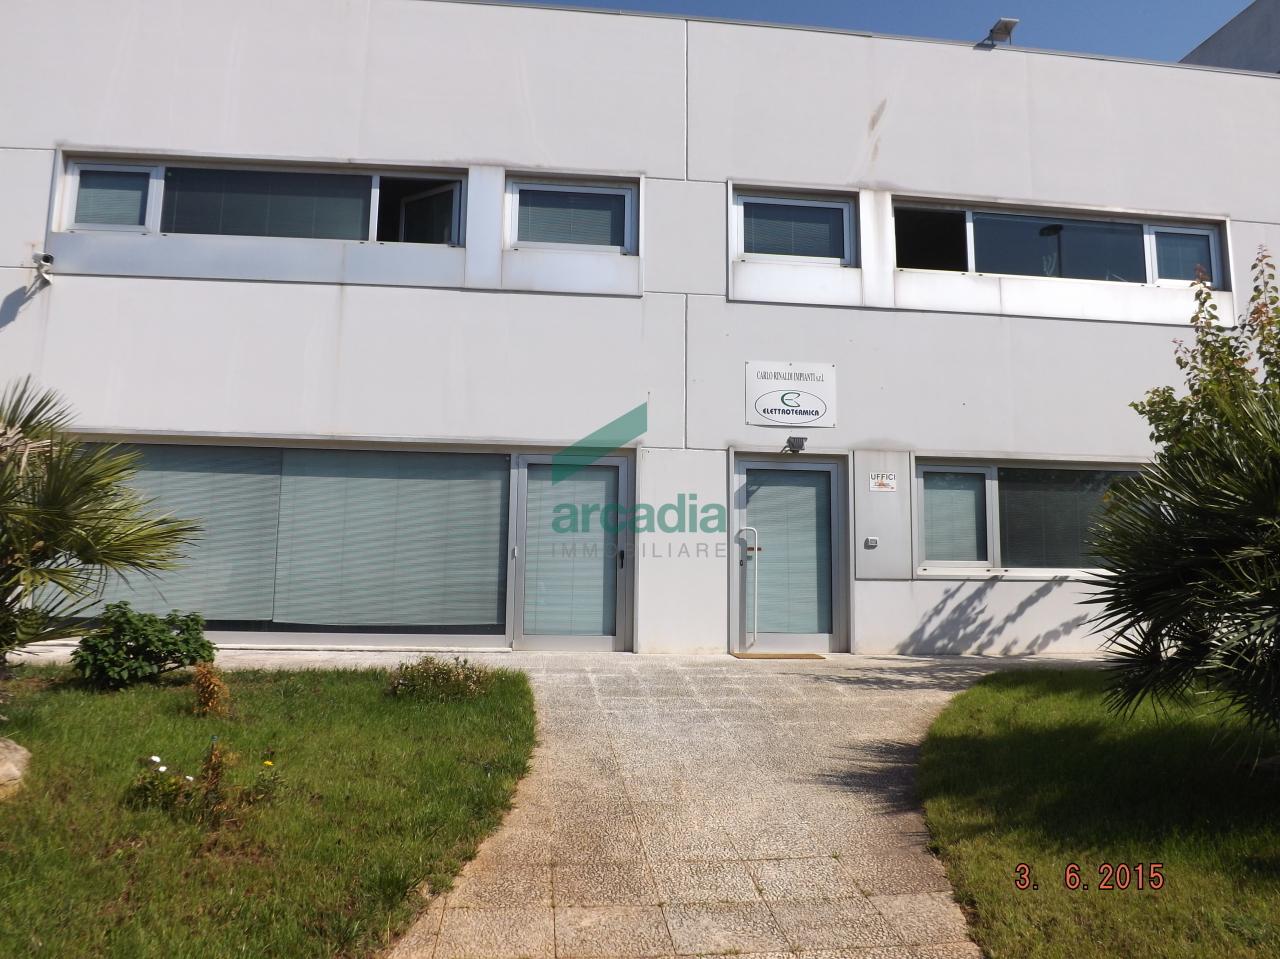 Ufficio / Studio in affitto a Modugno, 8 locali, prezzo € 2.000 | CambioCasa.it